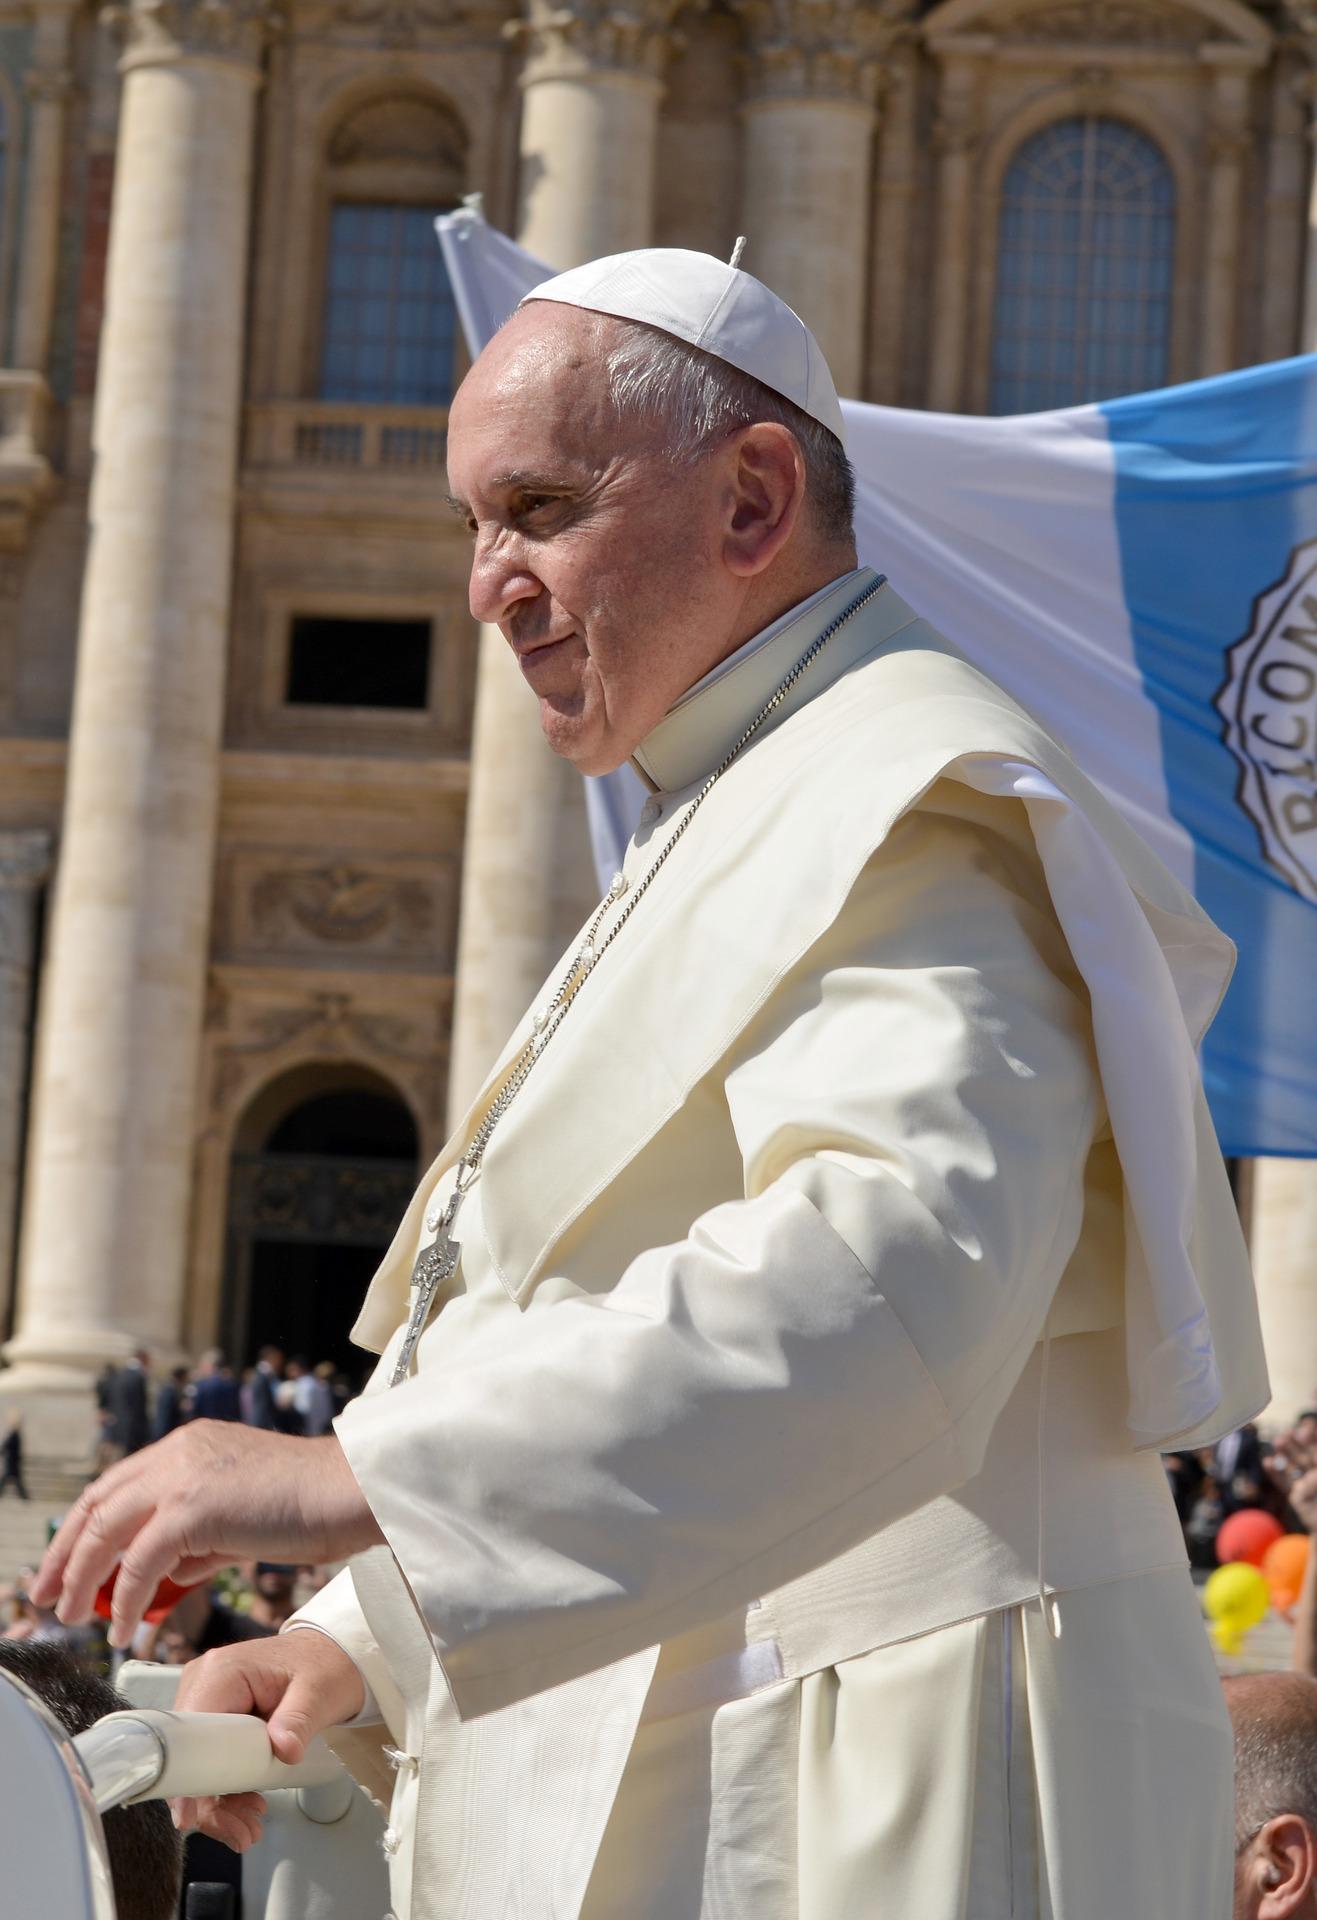 Papst hebt Geheimhaltungsregeln für sexuellen Missbrauch auf